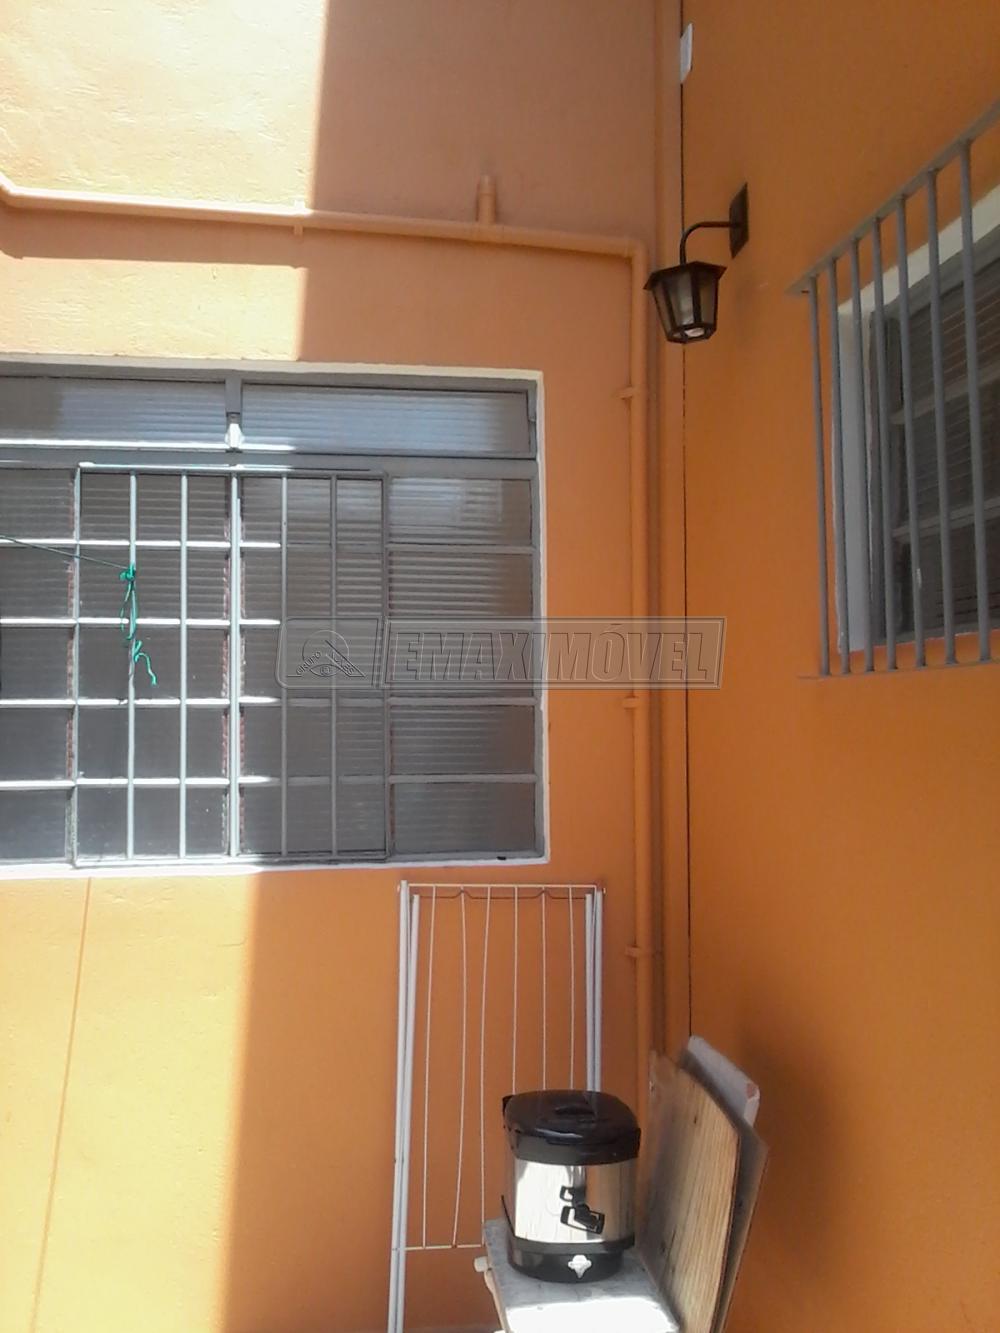 Comprar Casas / em Bairros em Sorocaba apenas R$ 300.000,00 - Foto 17